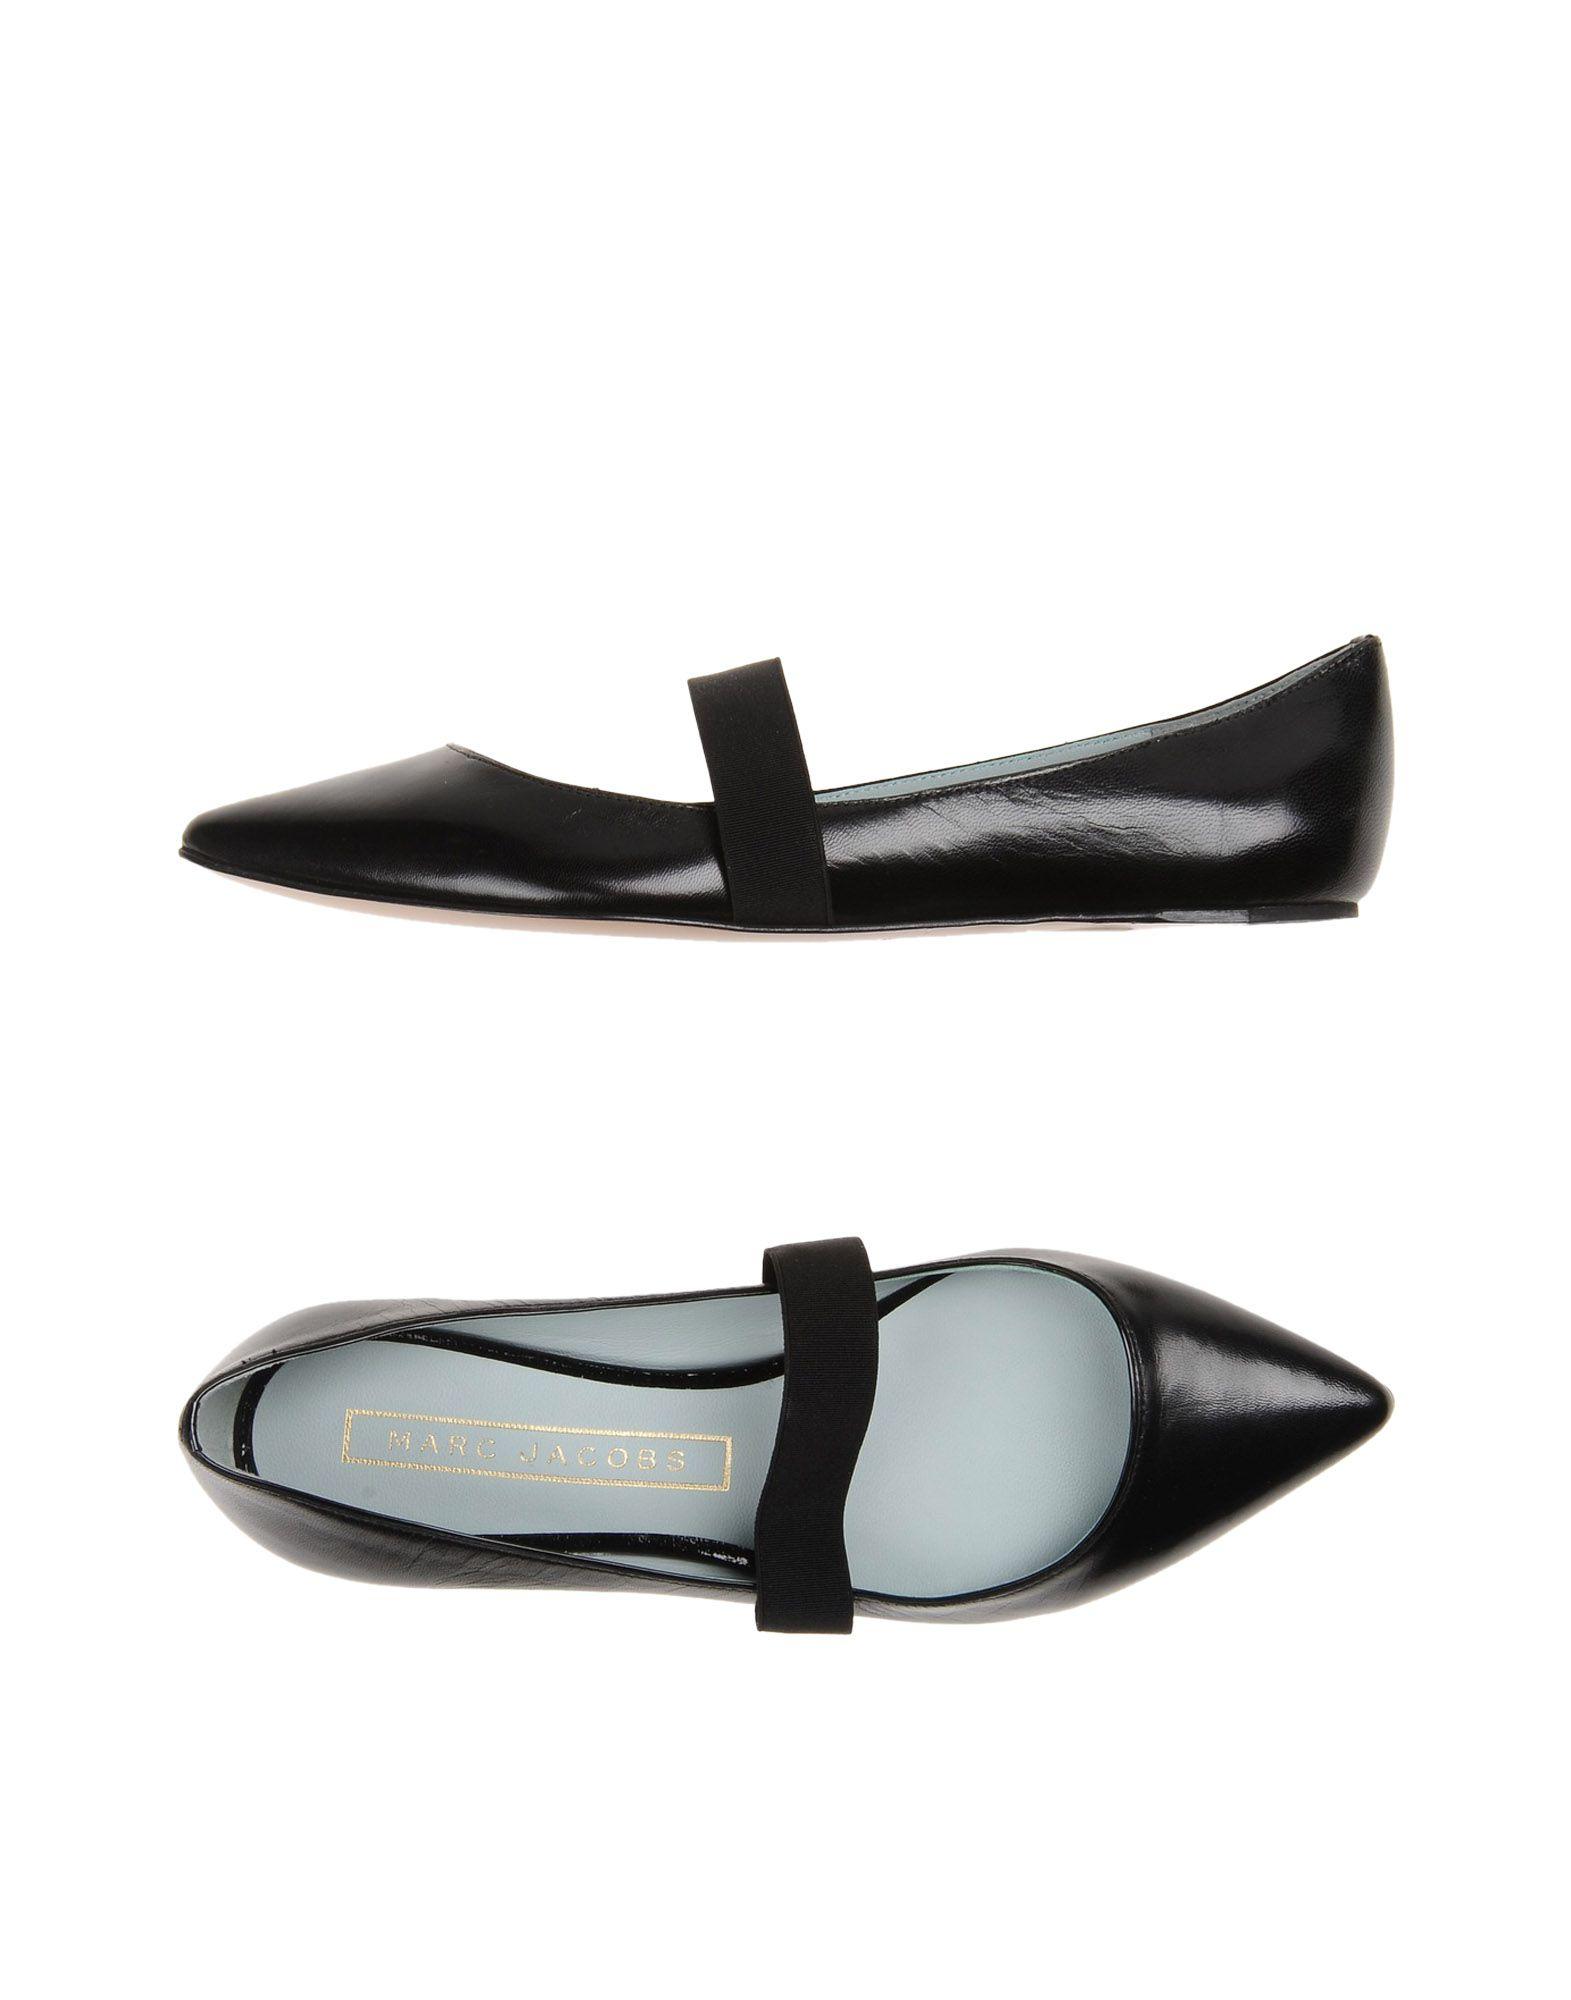 Ballerine Marc Jacobs Donna - Acquista online su